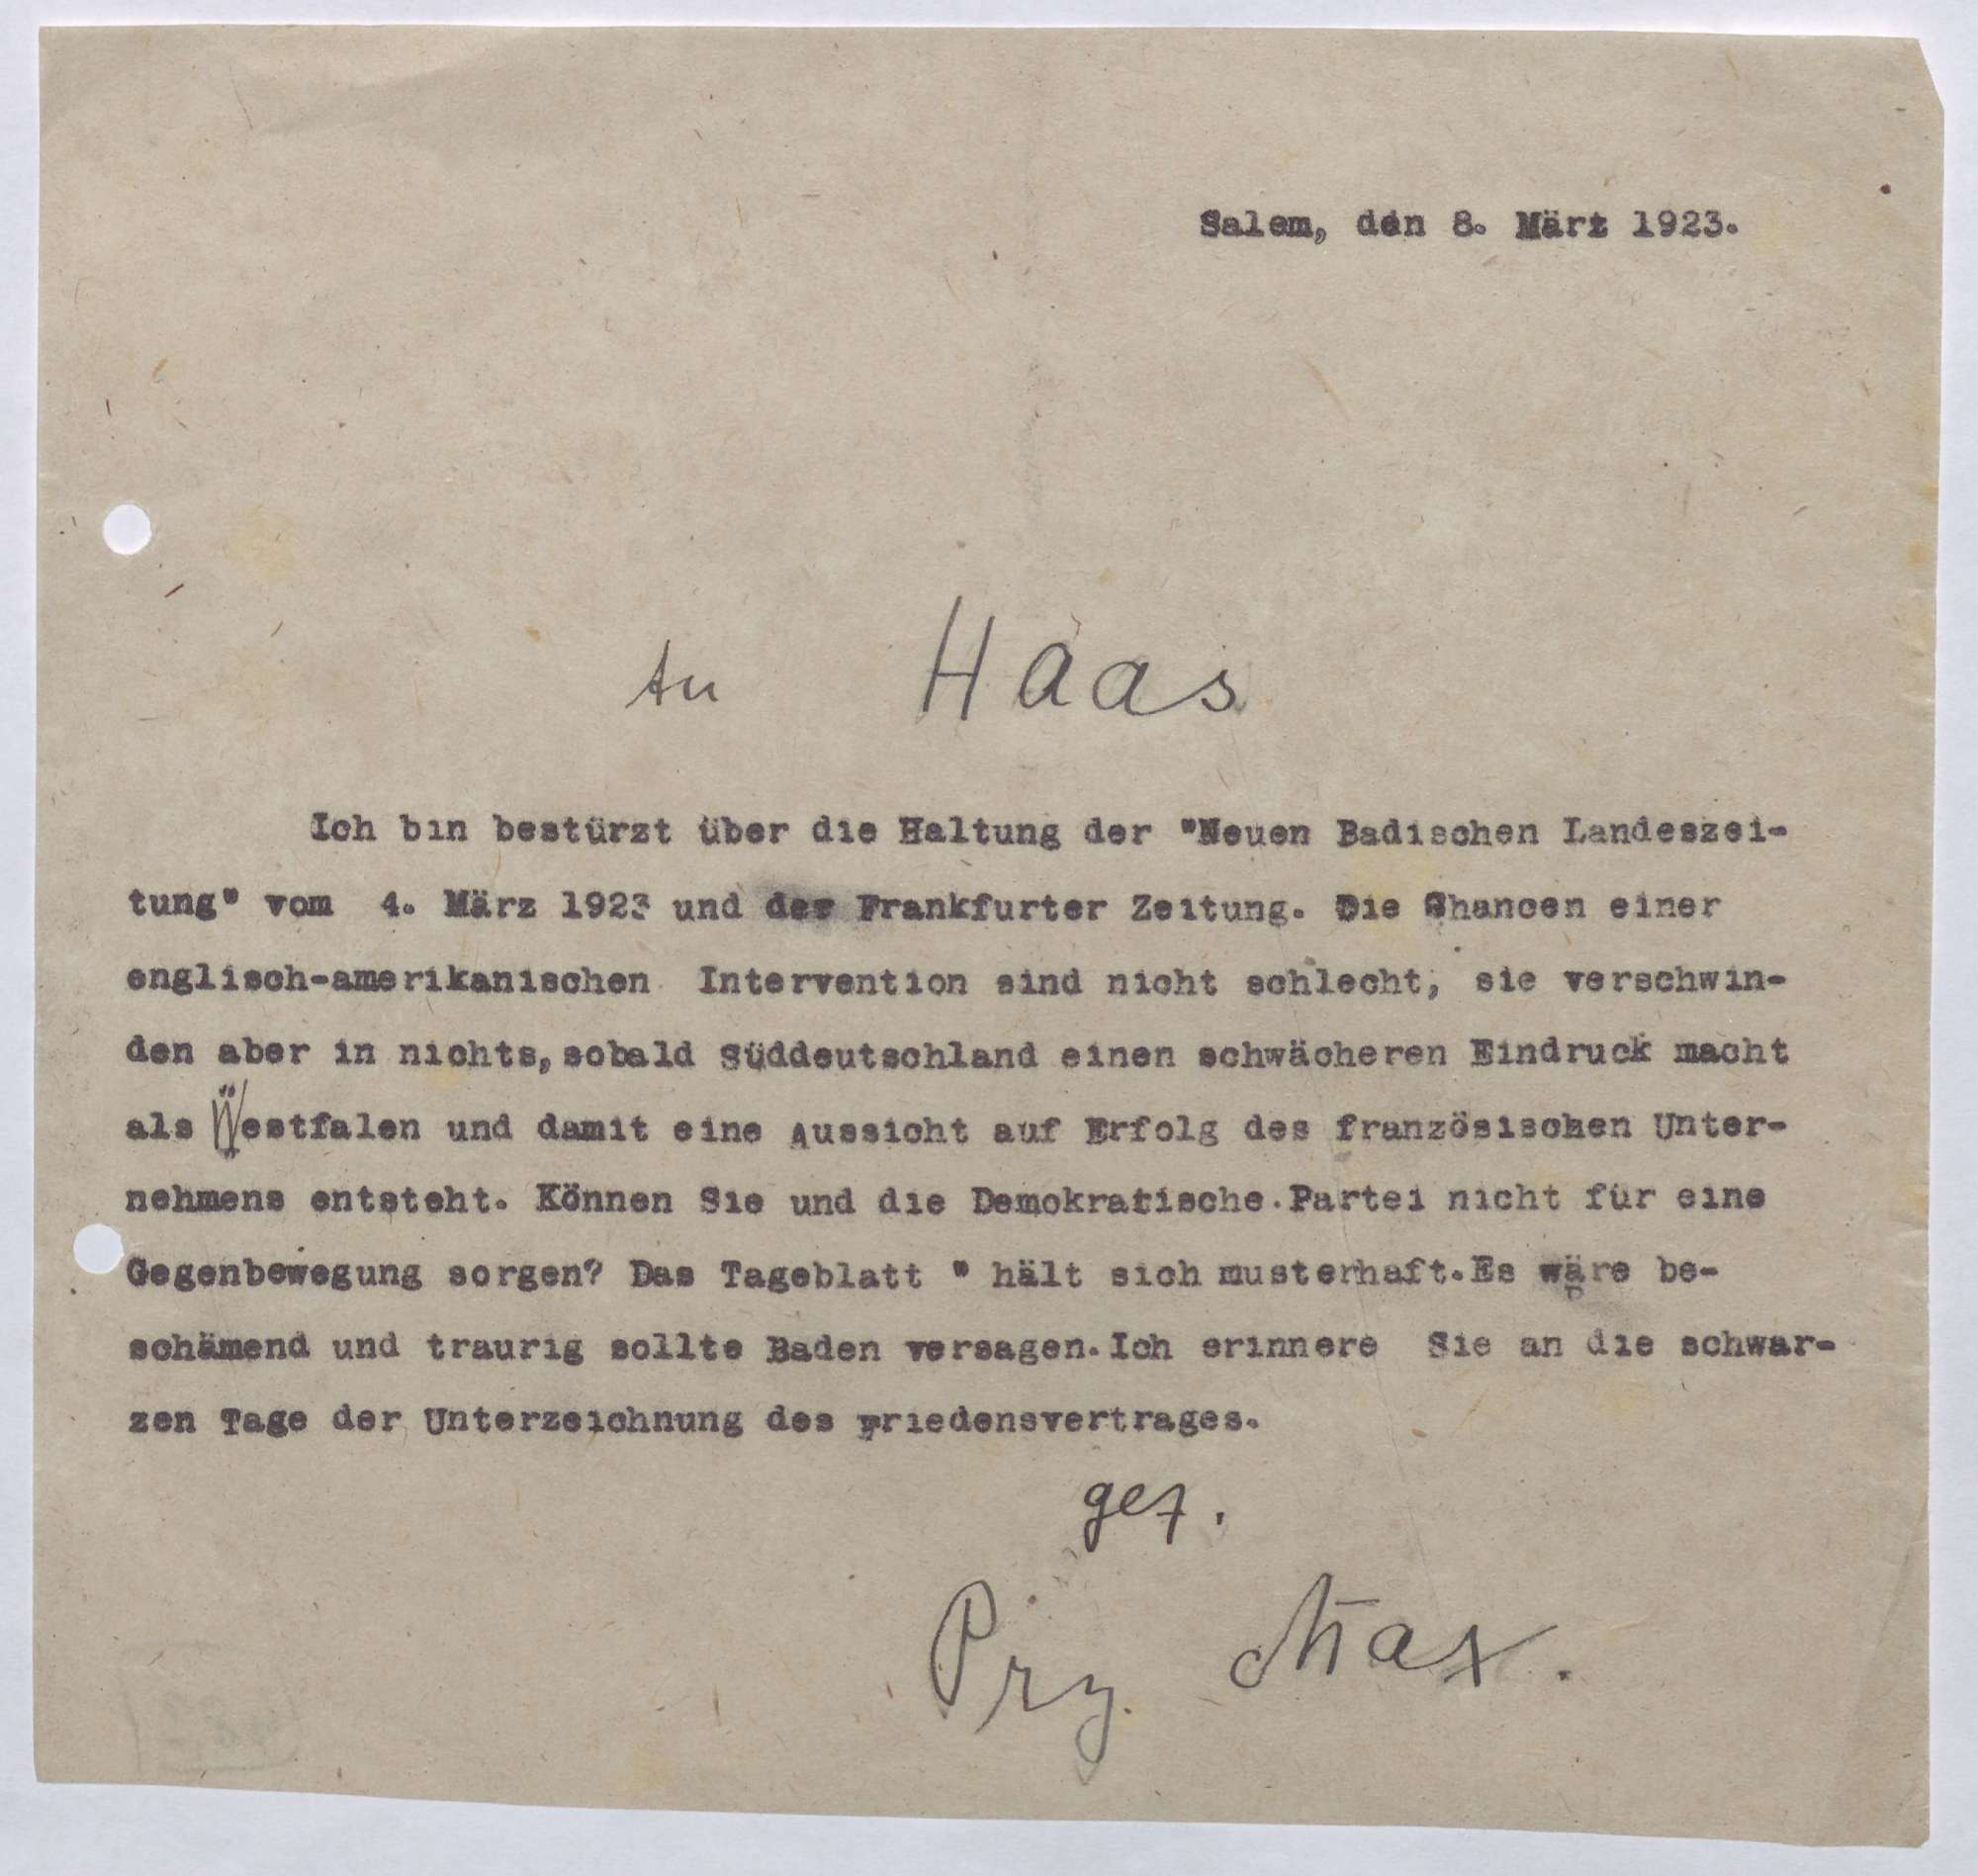 Korrespondenz zwischen Prinz Max von Baden und Ludwig Haas; Ruhrbesetzung und die Möglichkeit einer englisch-amerikanischen Intervention, Bild 3